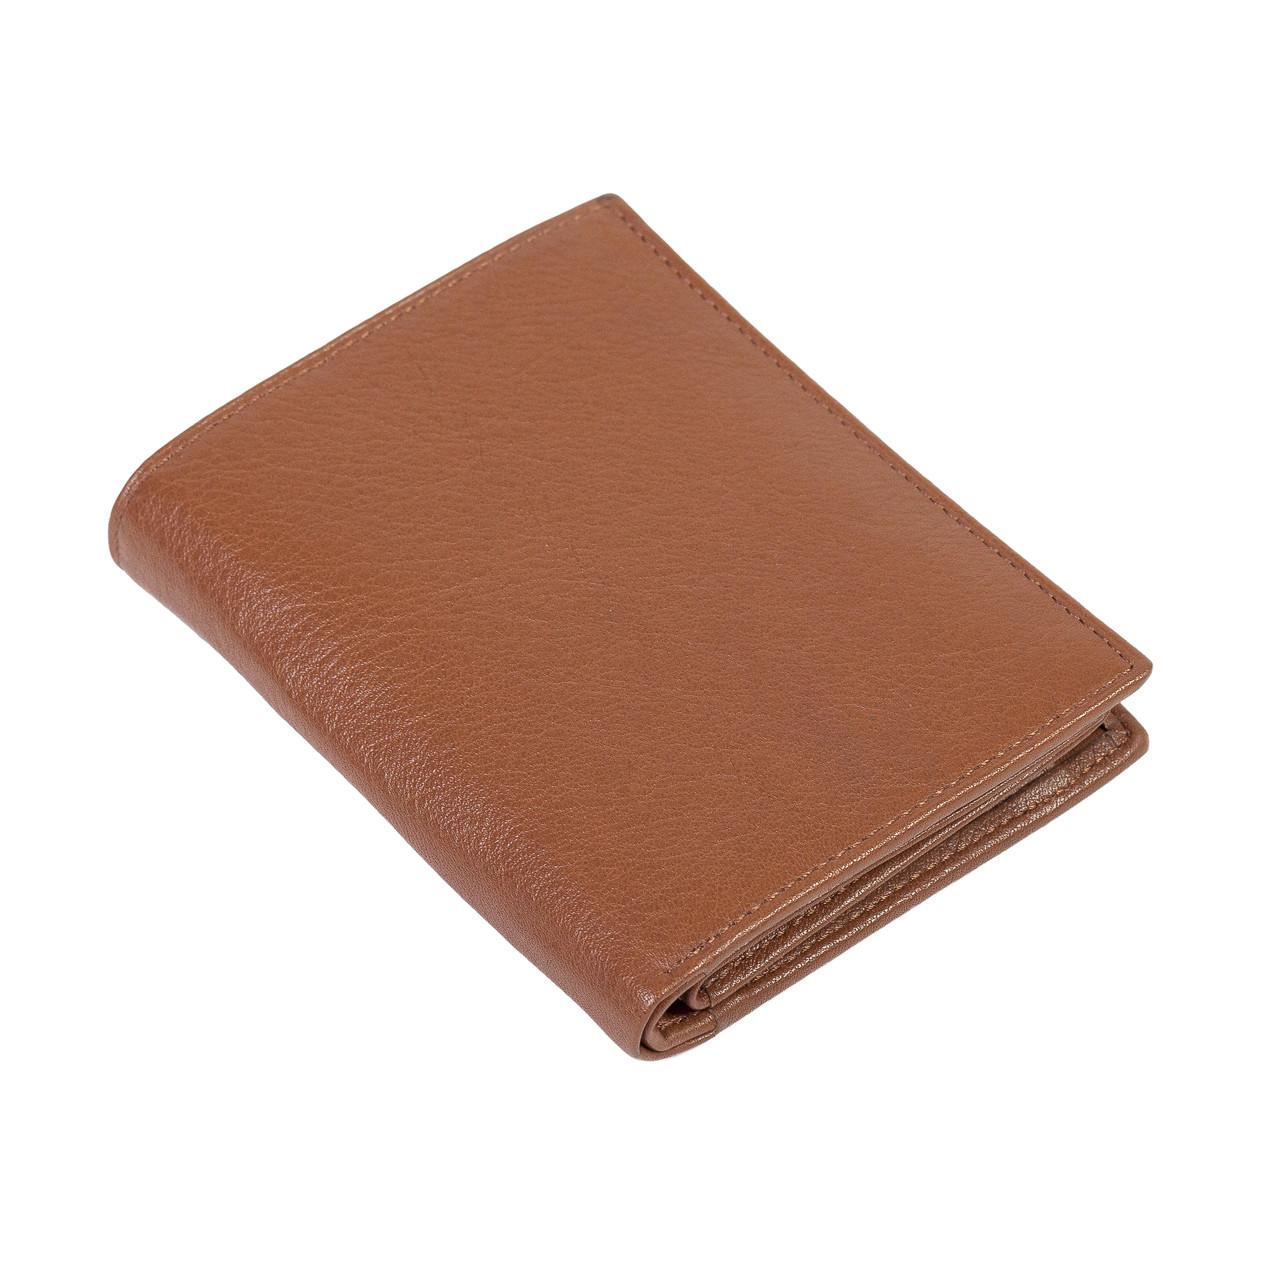 ed07d4612c37 Мужское портмоне Eminsa 1023-12-2 кожаное светло-коричневое - FainaModa  магазин кожаных